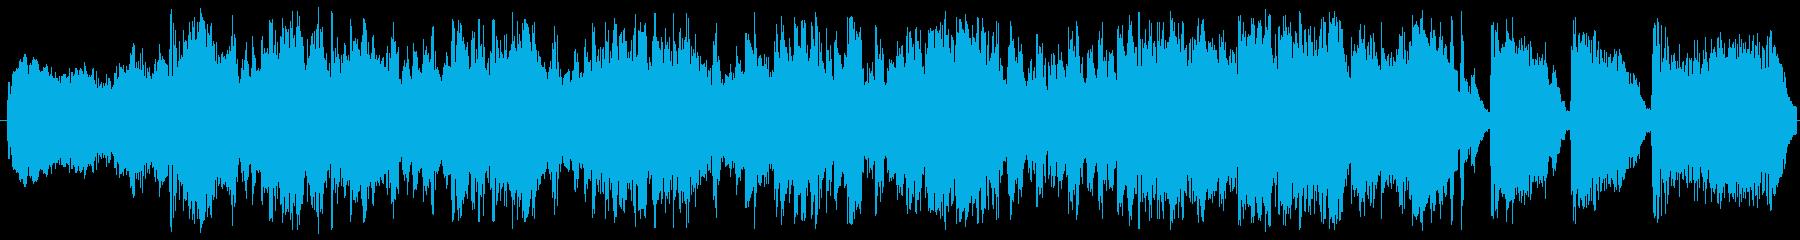 かっこいいゲーム戦闘シーン ループの再生済みの波形